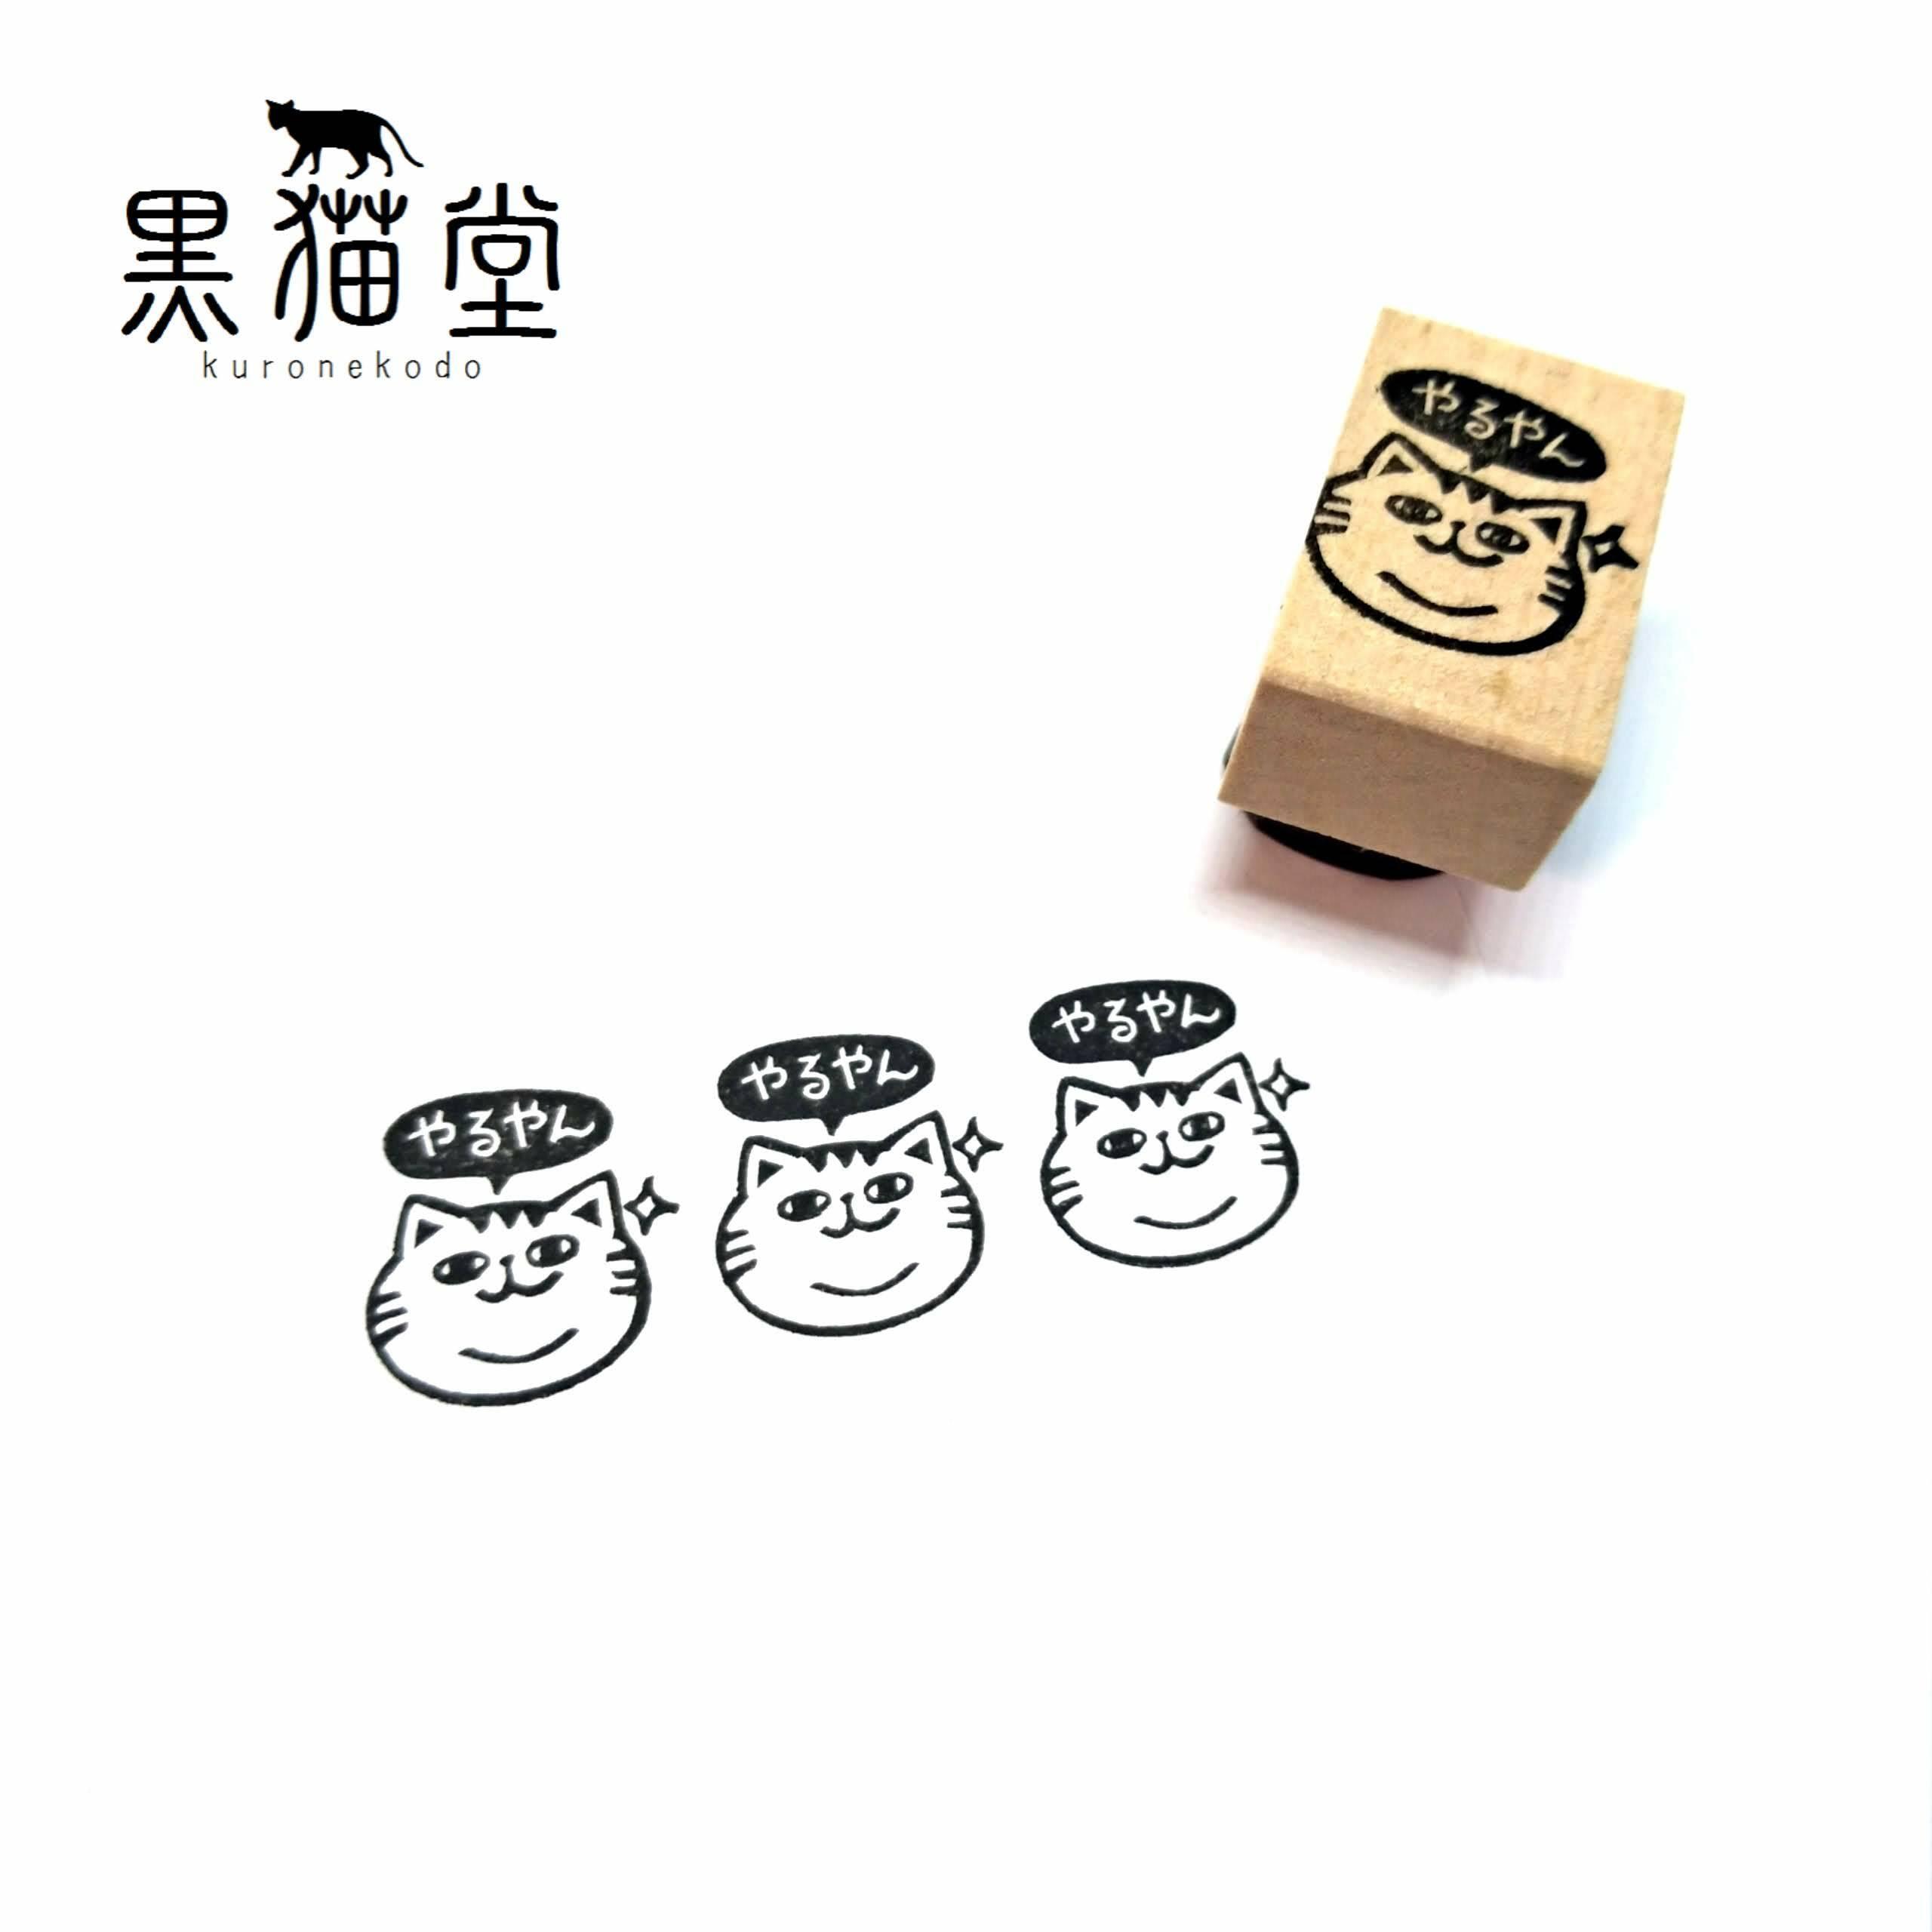 関西弁ネコ「やるやん」